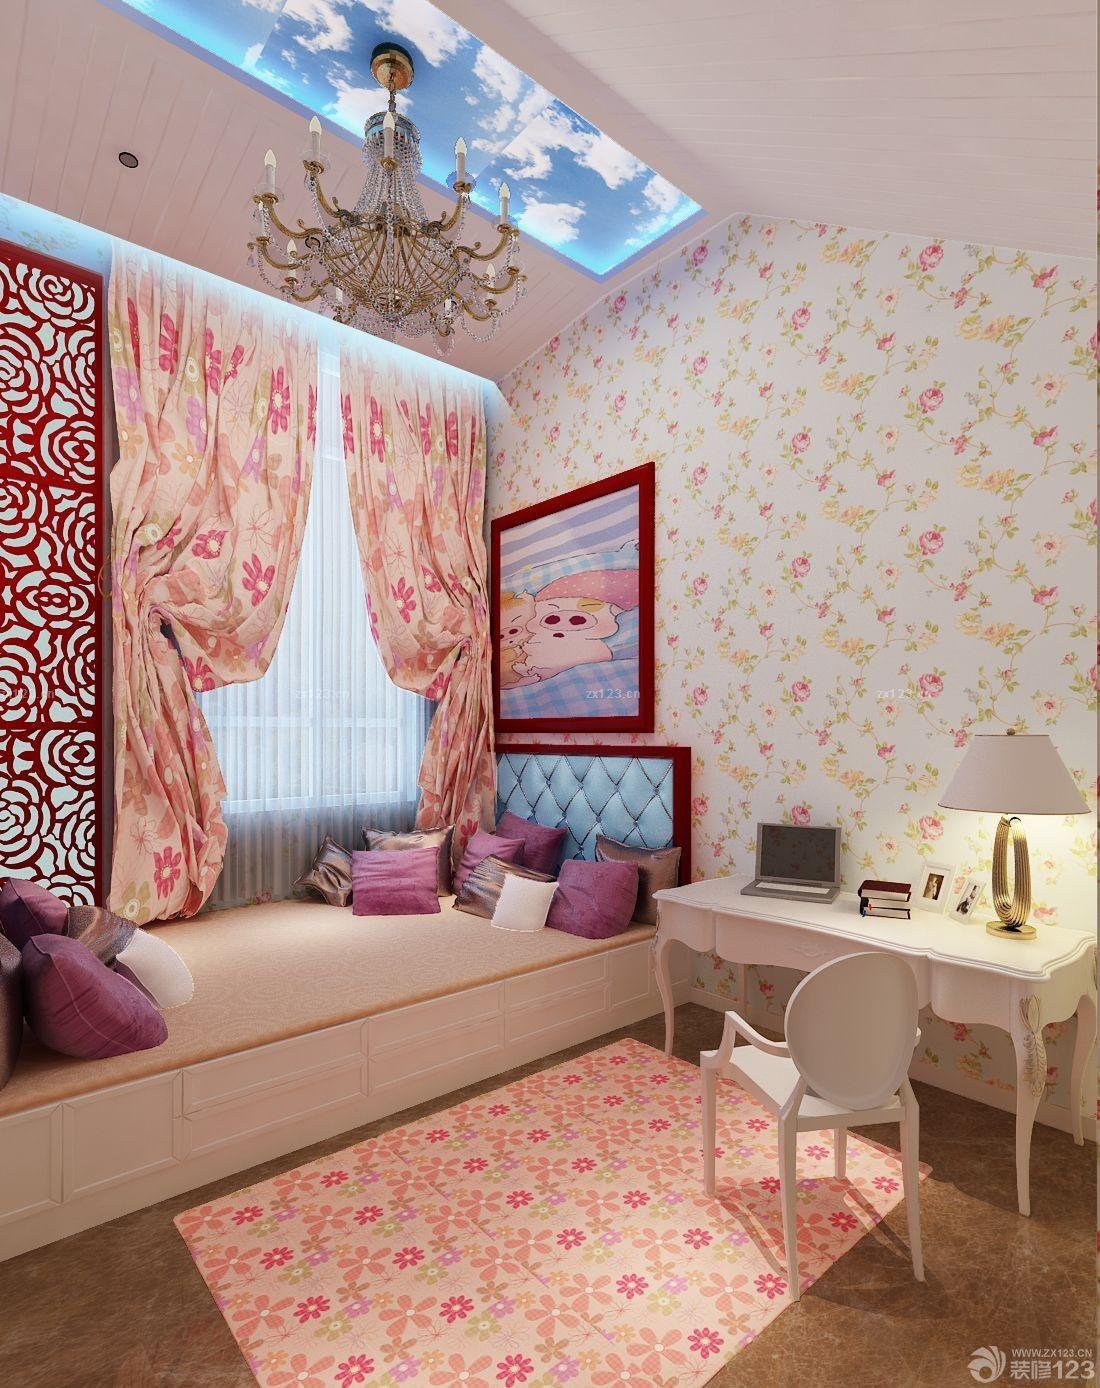 温馨家装100平米房屋室内墙纸装饰效果图